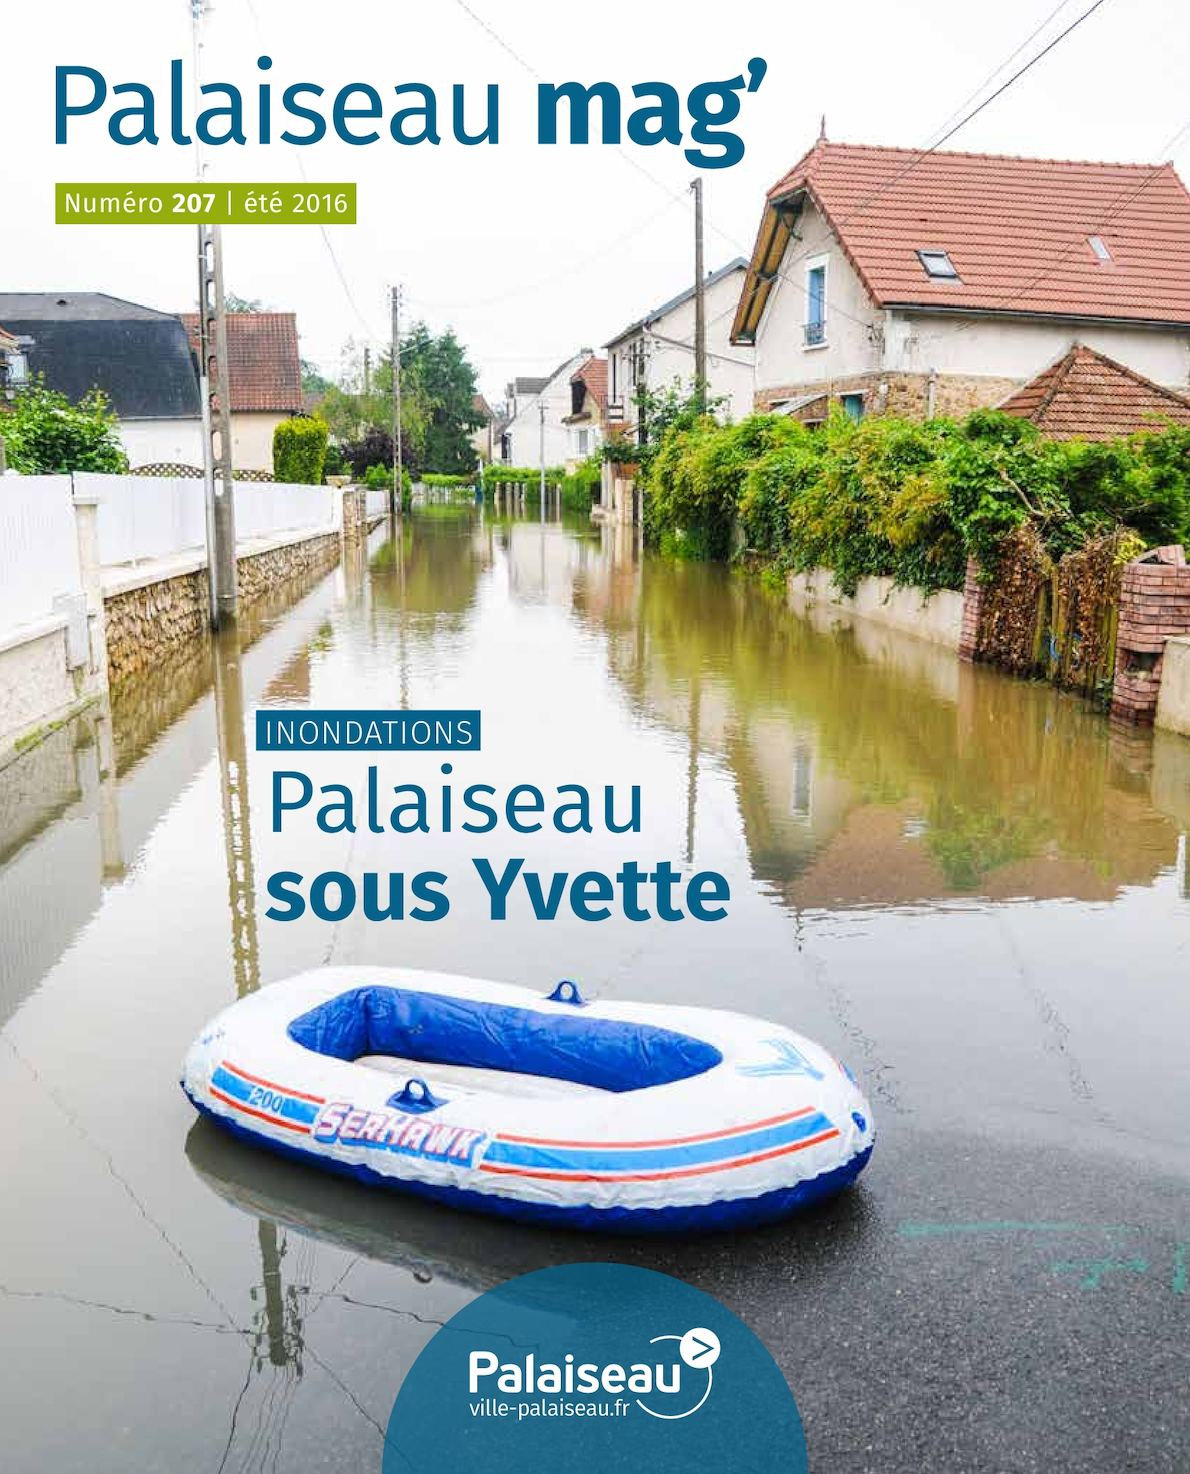 Calam o palaiseau mag n 207 ete 2016 - Piscine palaiseau la vague ...